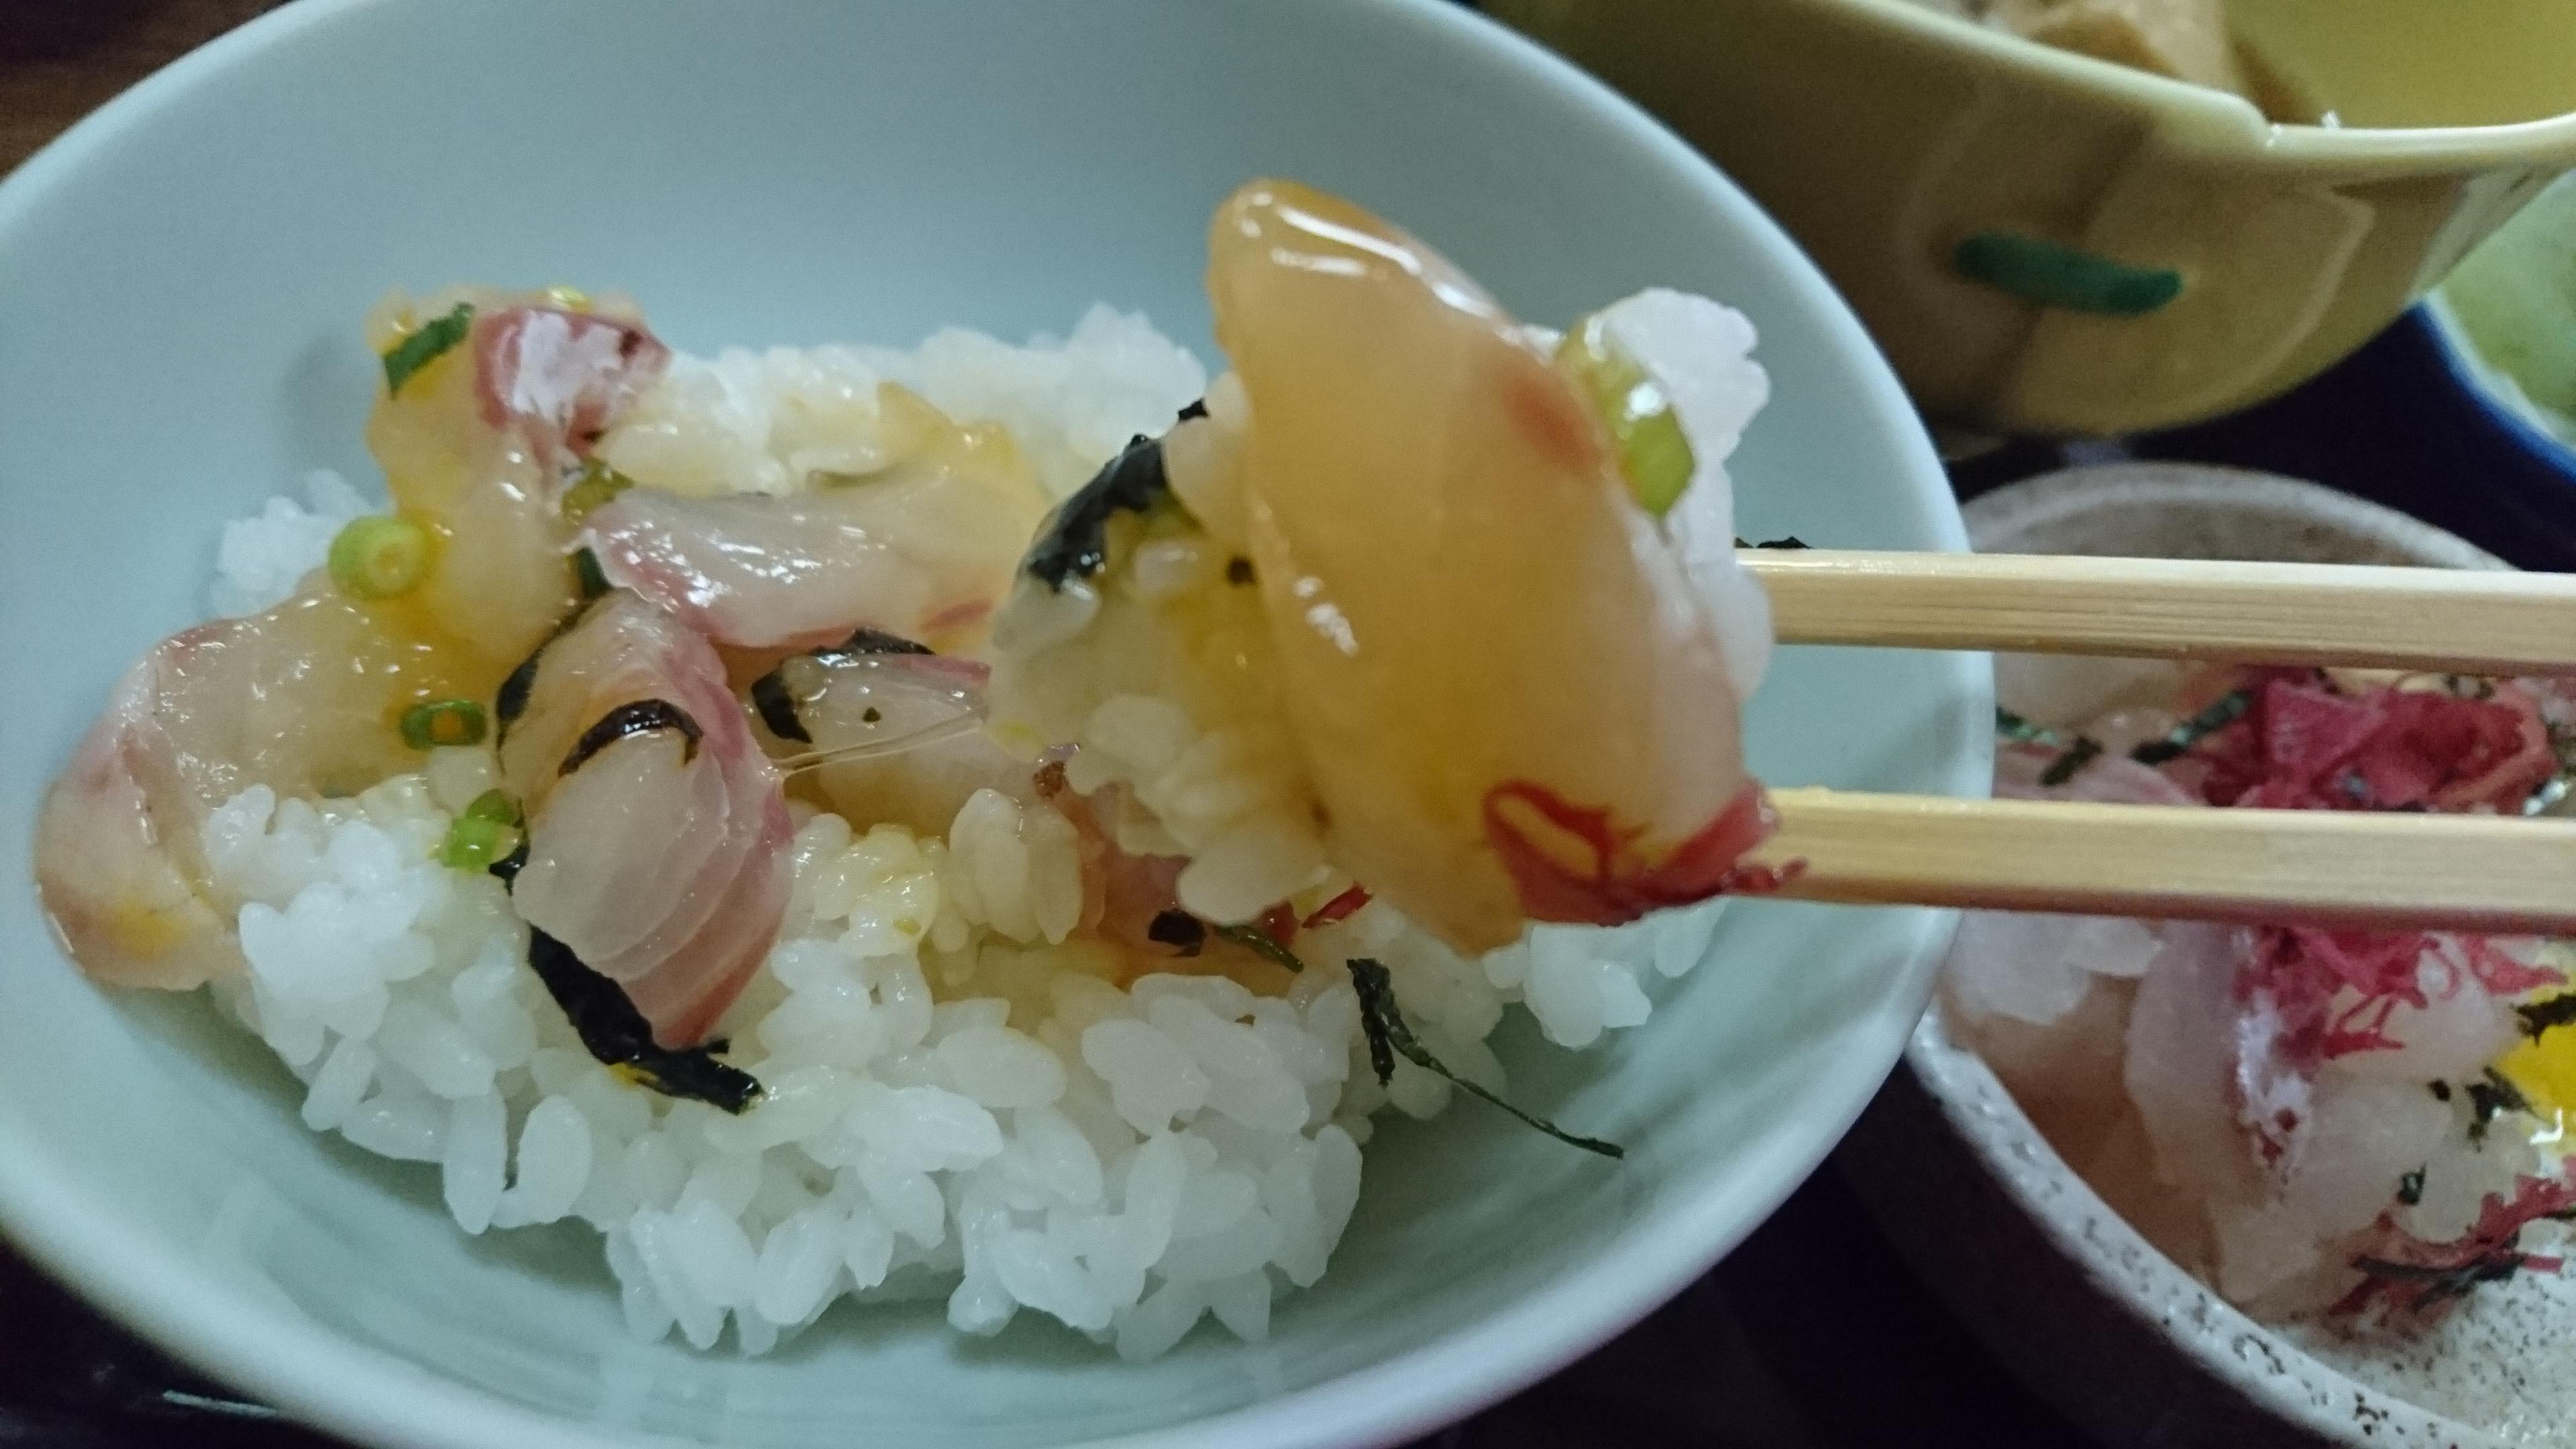 絶品!鯛めし!宇和島市で有名な「とみや」の「宇和島鯛めし定食」を食べてきました!